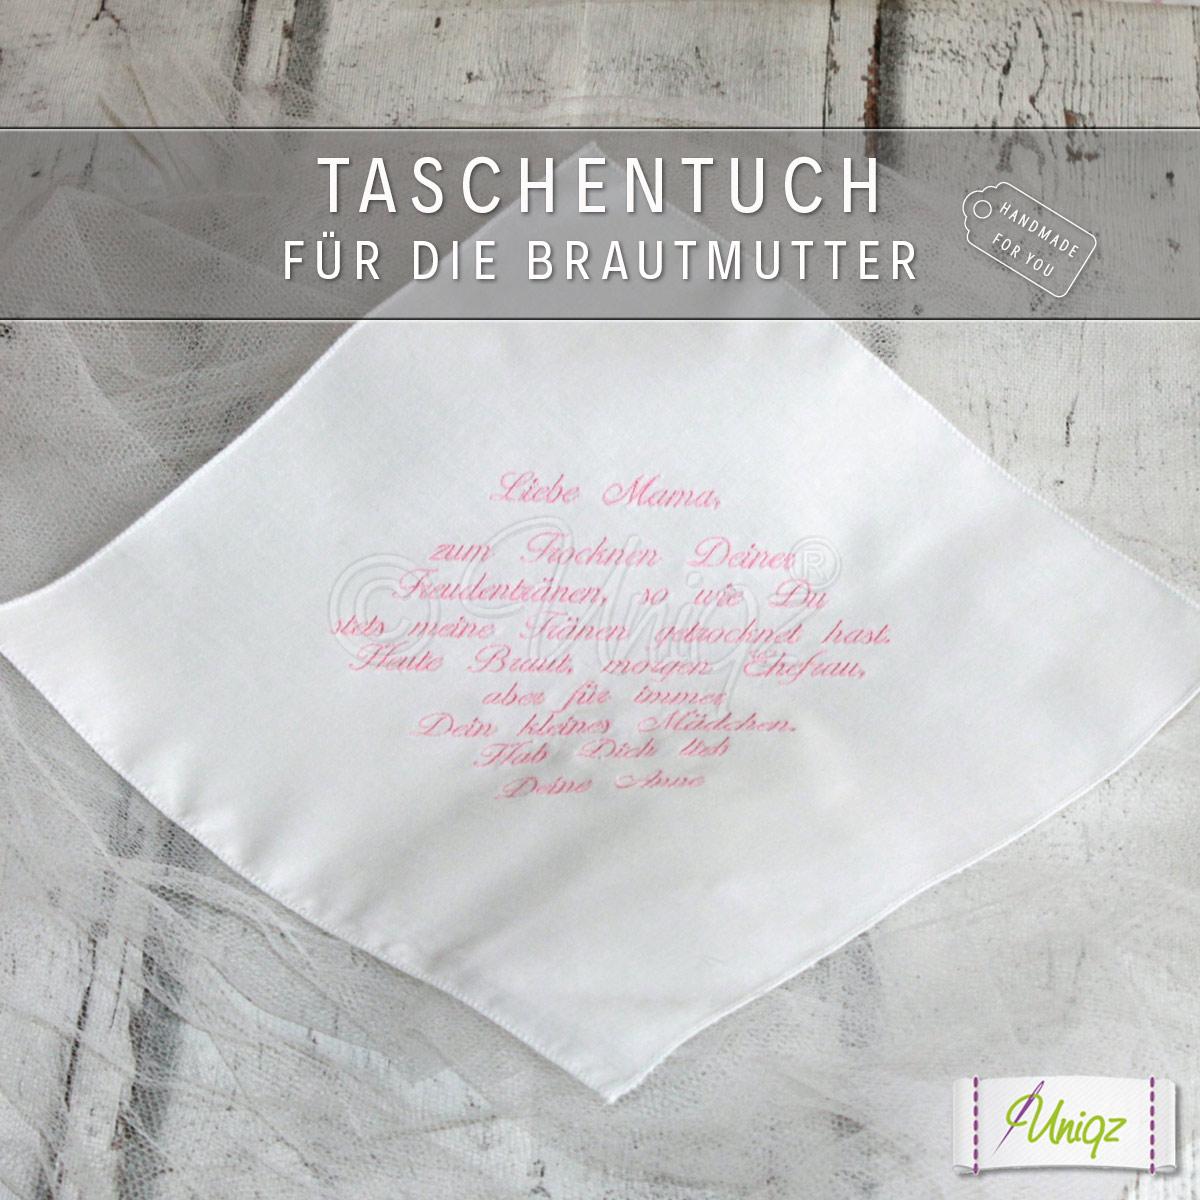 Taschentuch für die Brautmutter